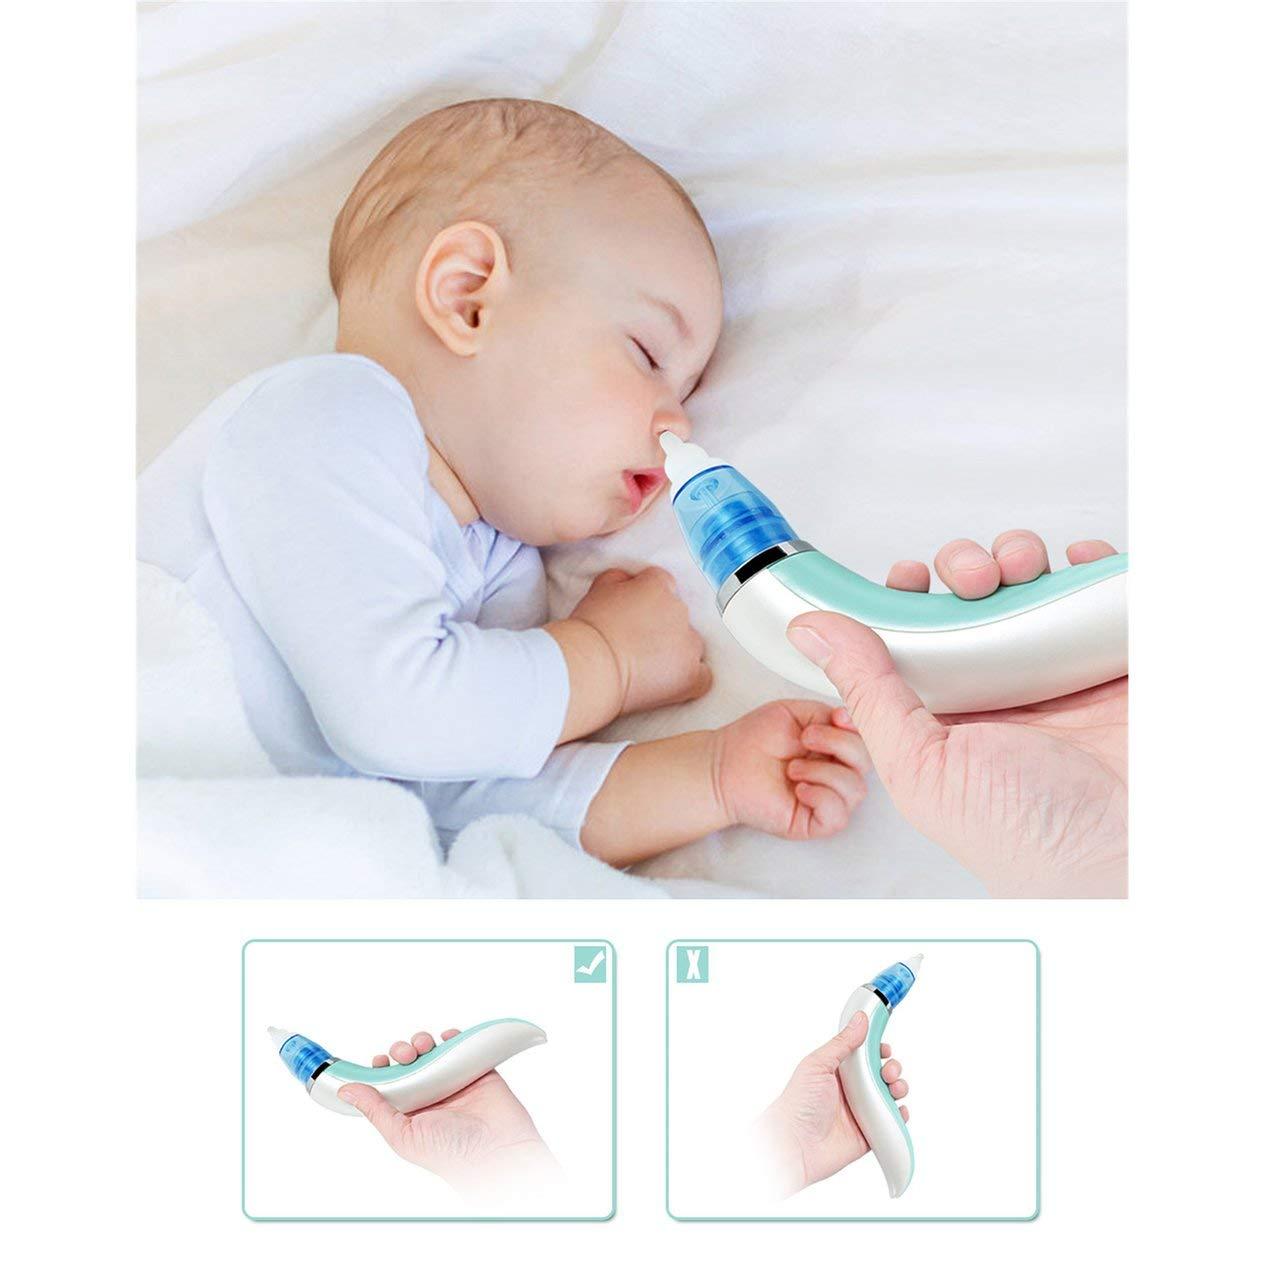 Gelb hygienischer Nasensauger Kid Baby Nasensauger Elektrischer Nasenreiniger Neugeborenes Saugnapfreiniger Schn/üffelausr/üstung Sicherer